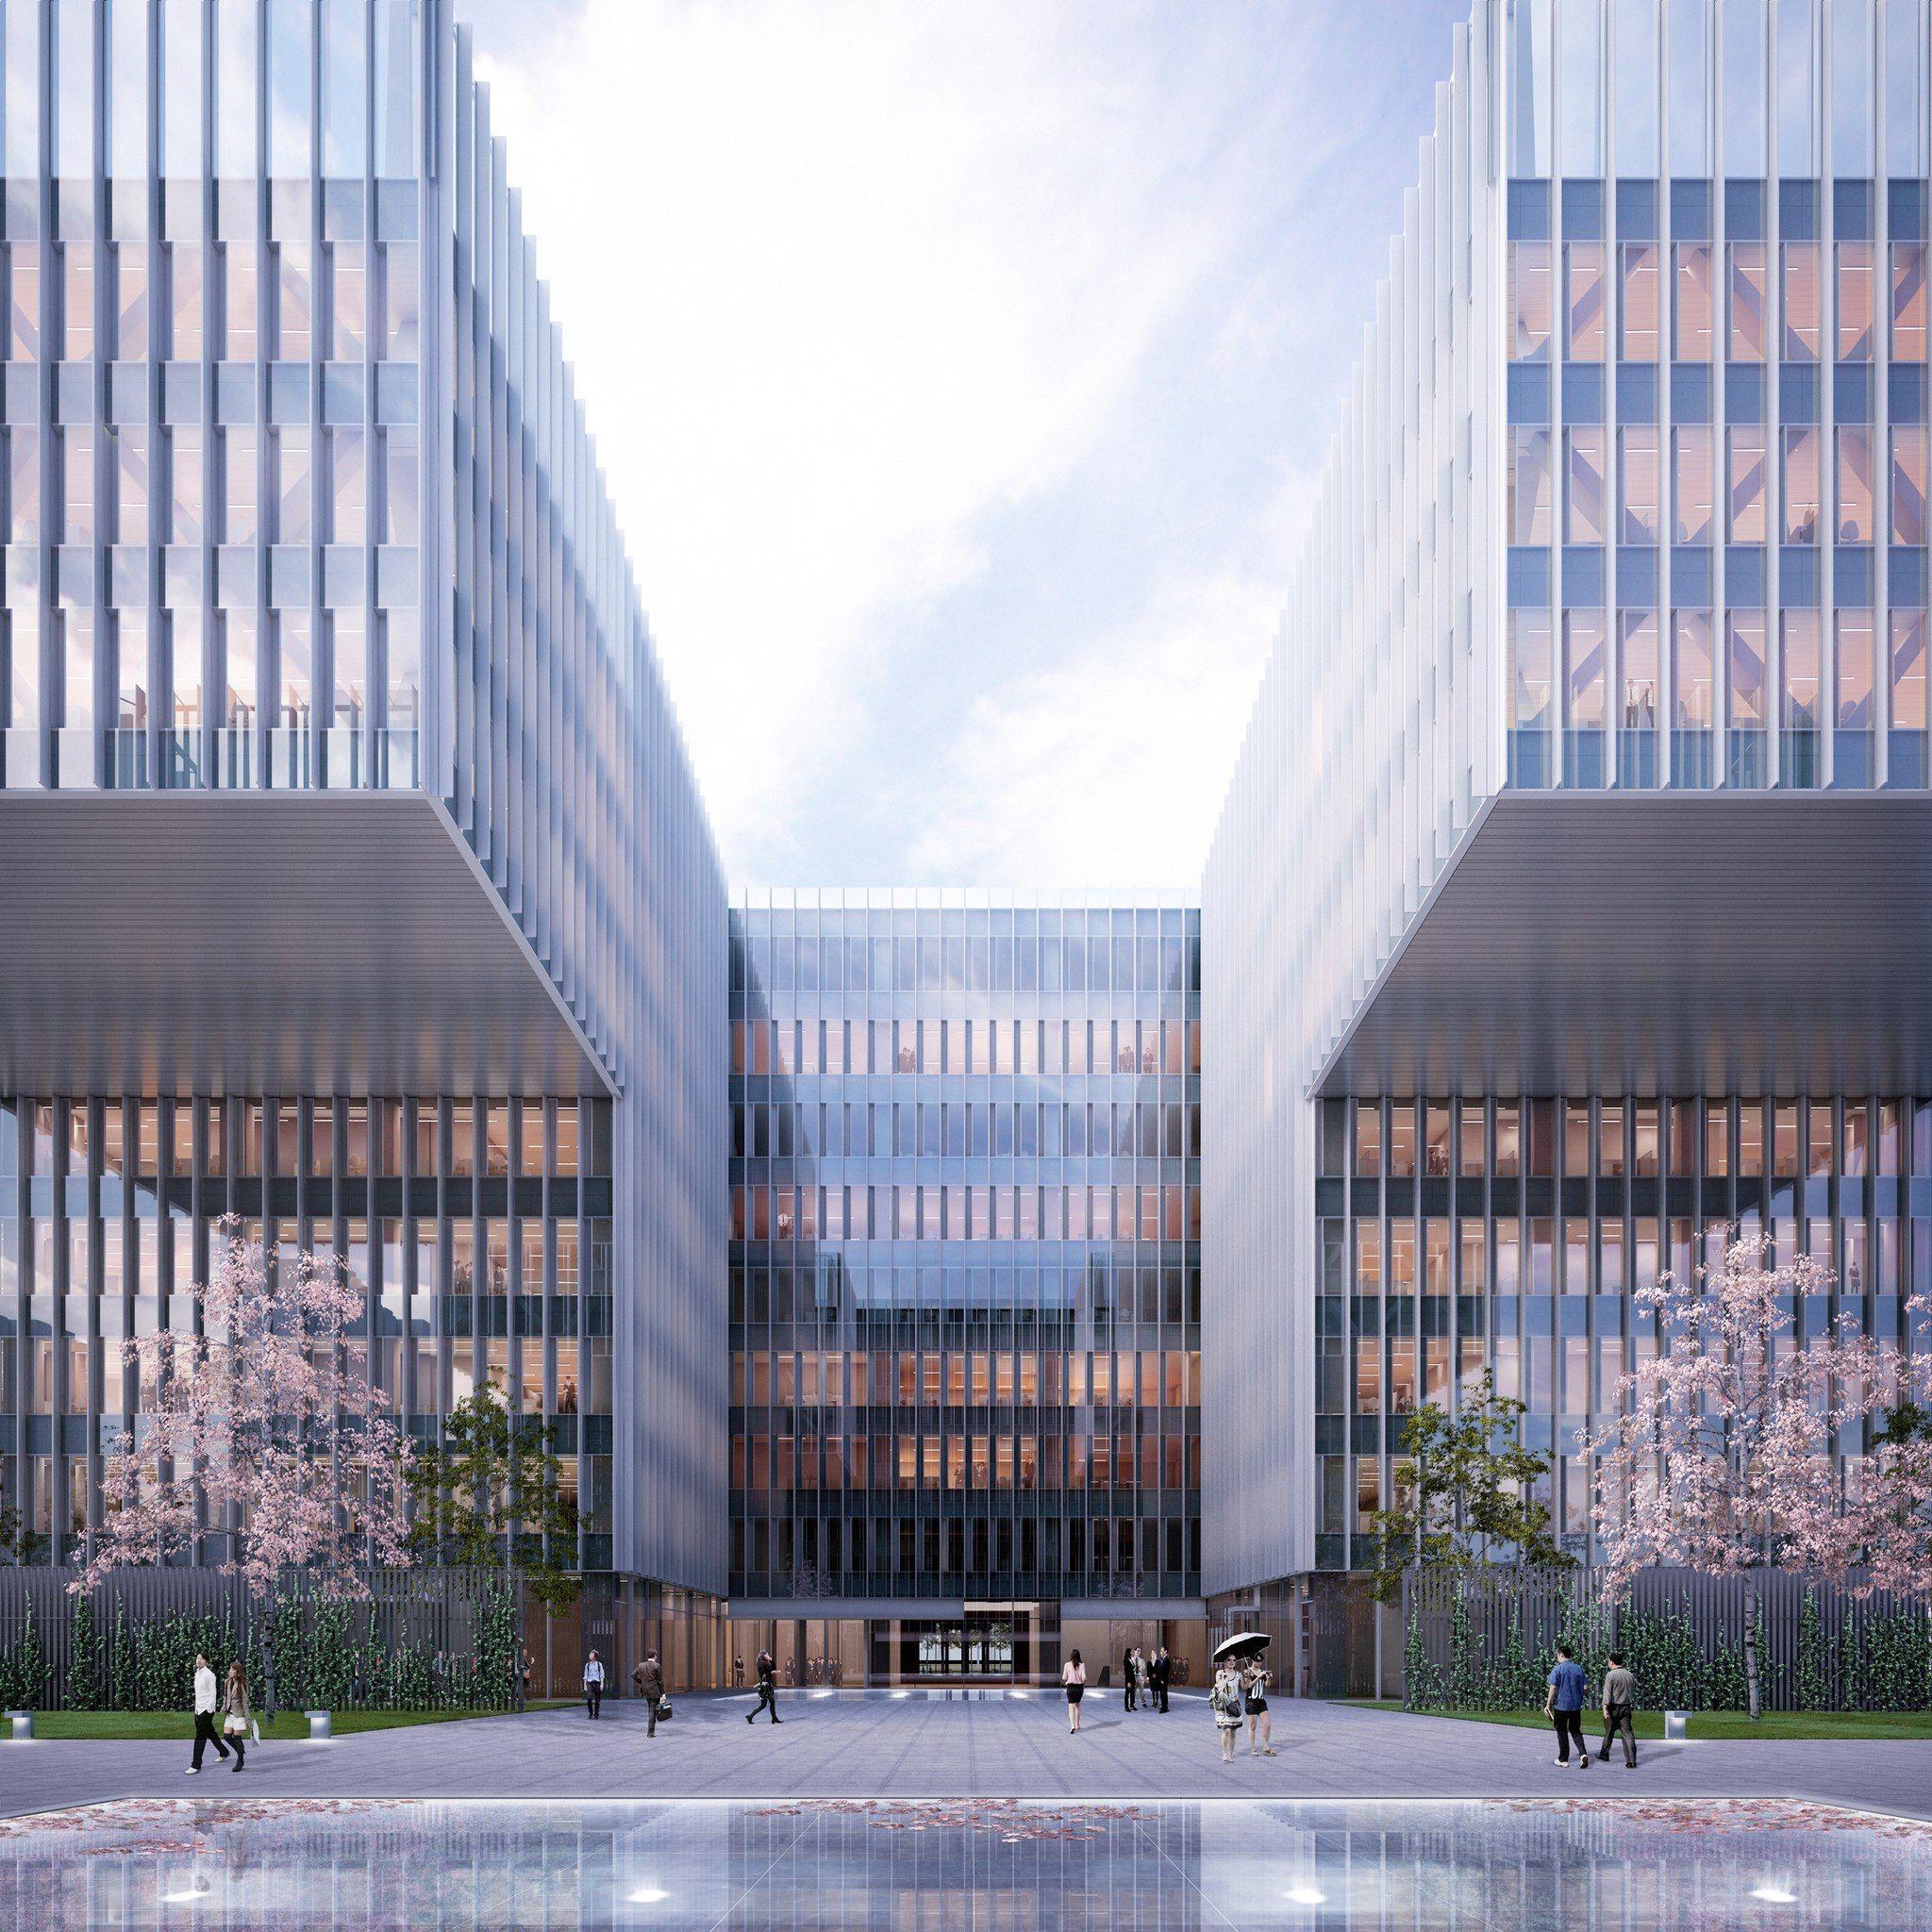 Shl mobile office facade pinterest edificios de for Arquitectura de oficinas modernas